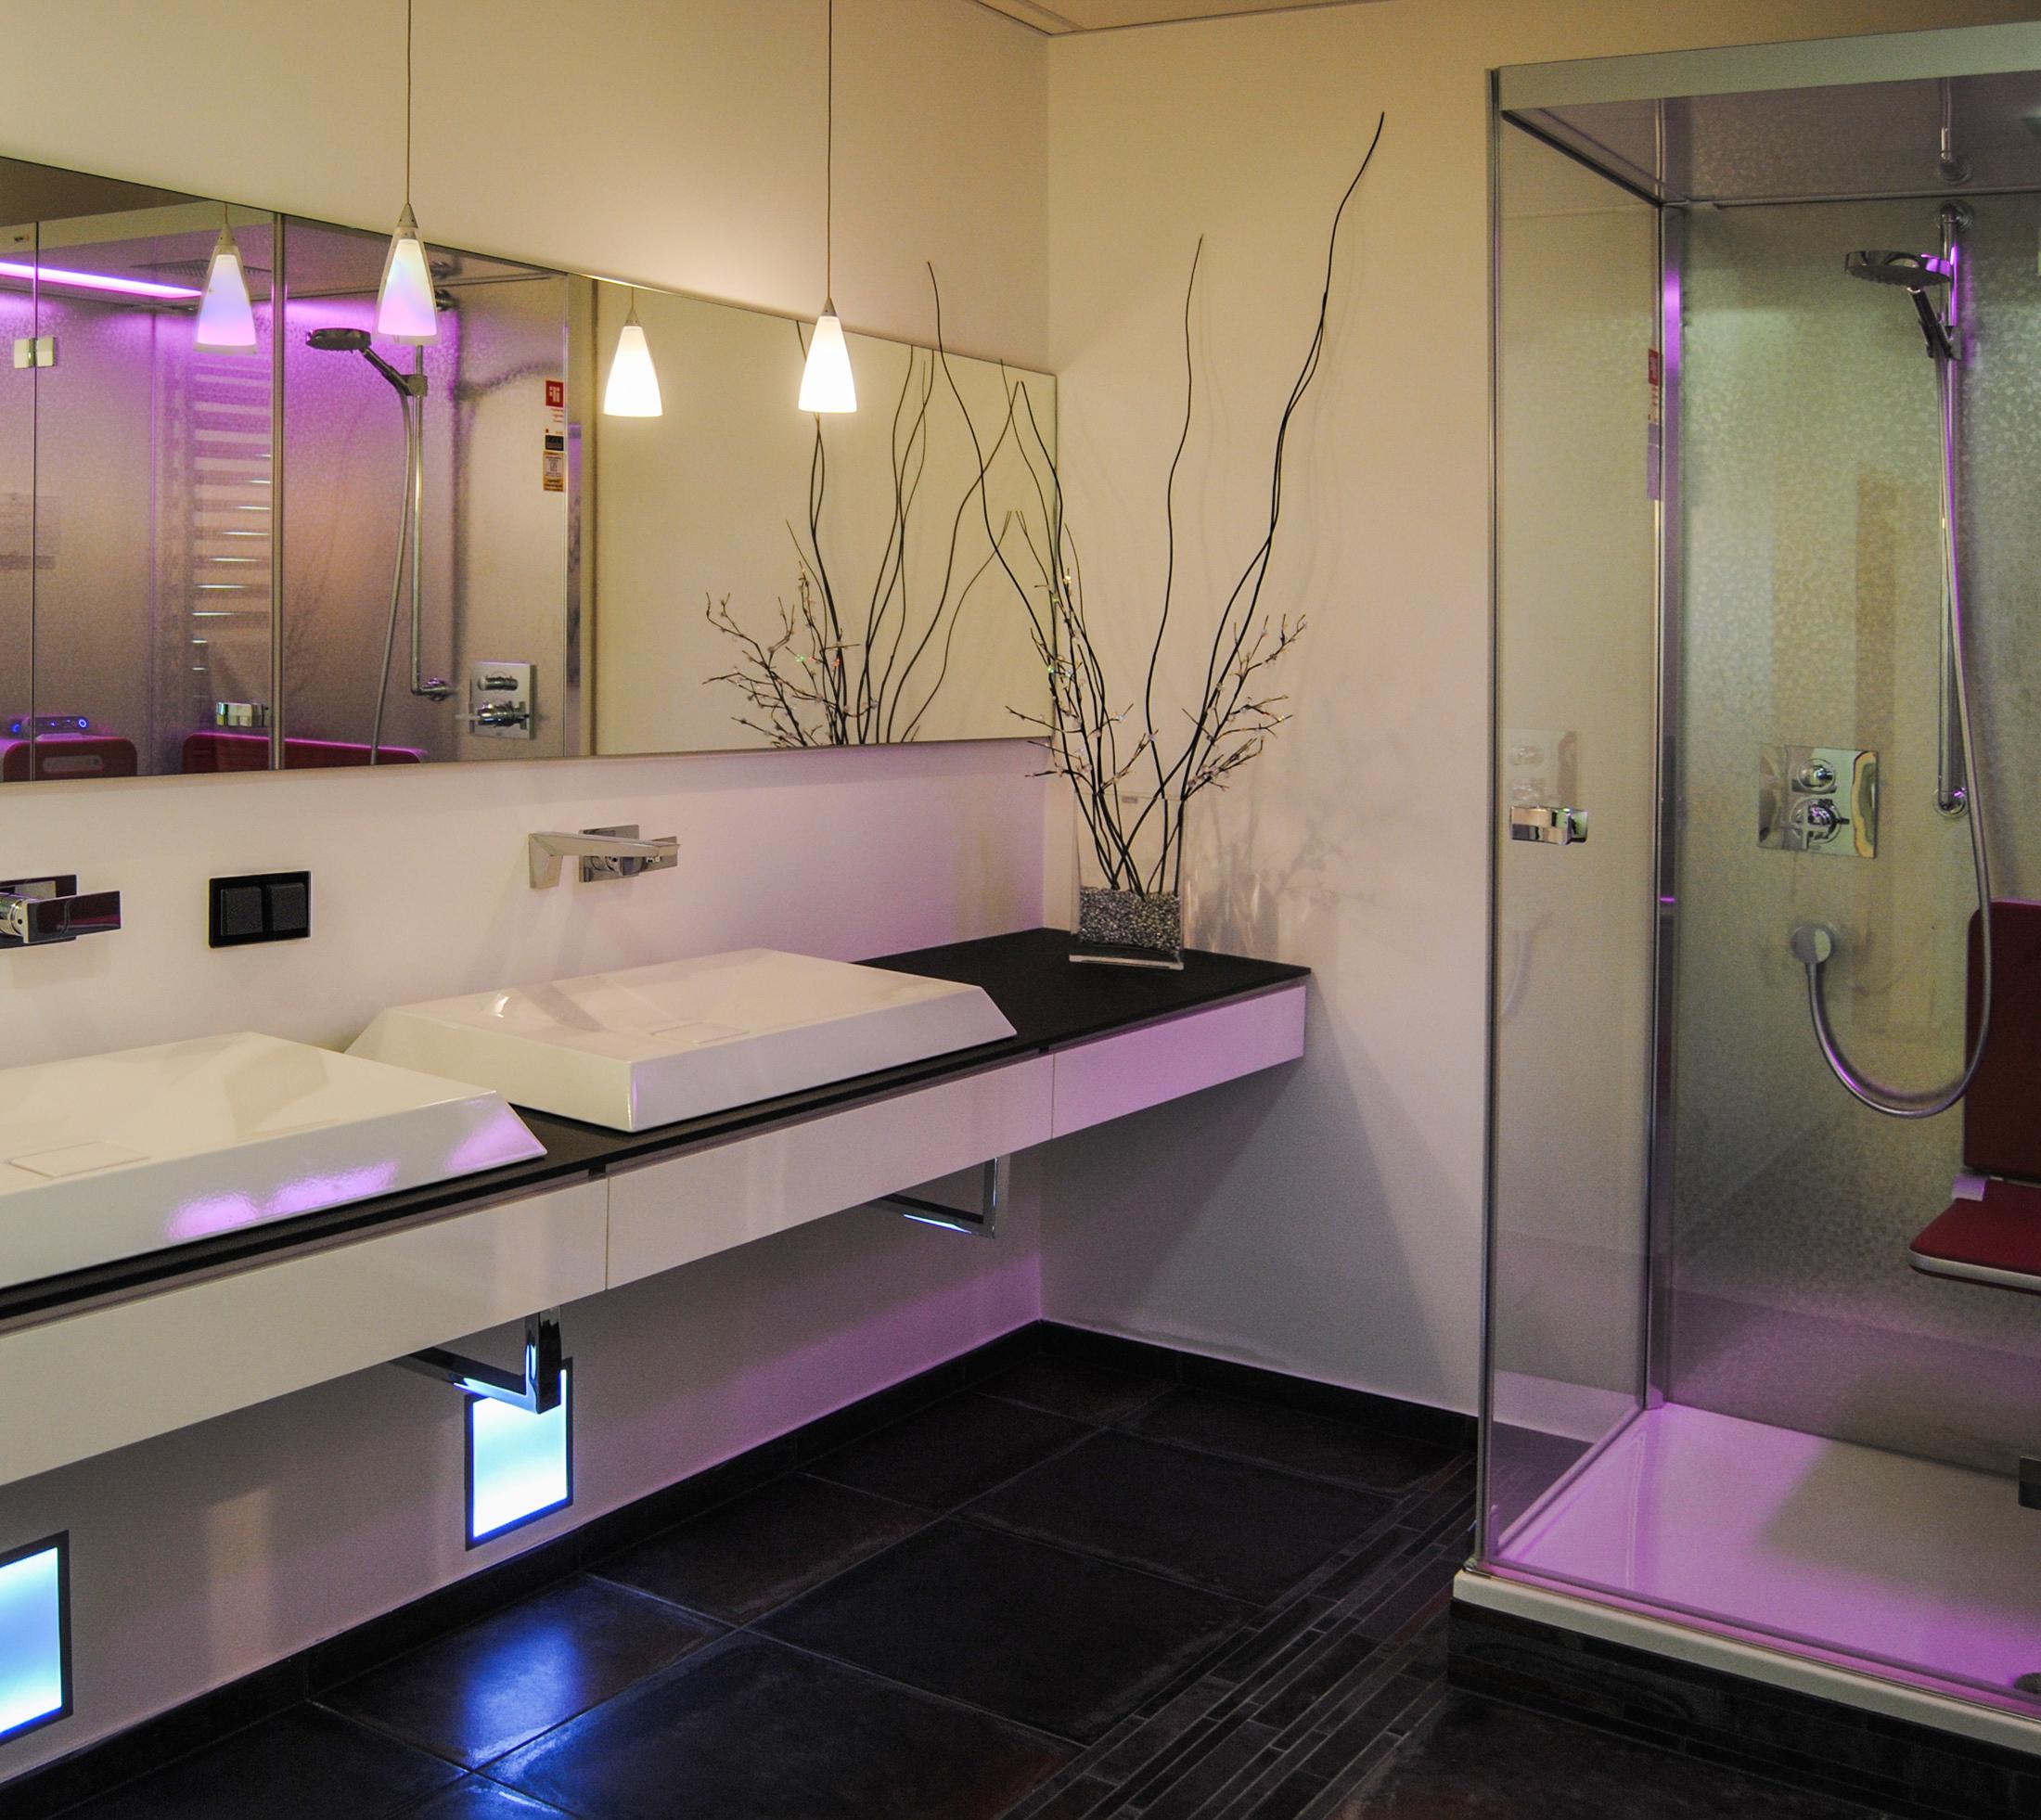 Doppel-Waschtischanlage aus Glas mit Aufsatzbecken und atmosphärischer Beleuchtung